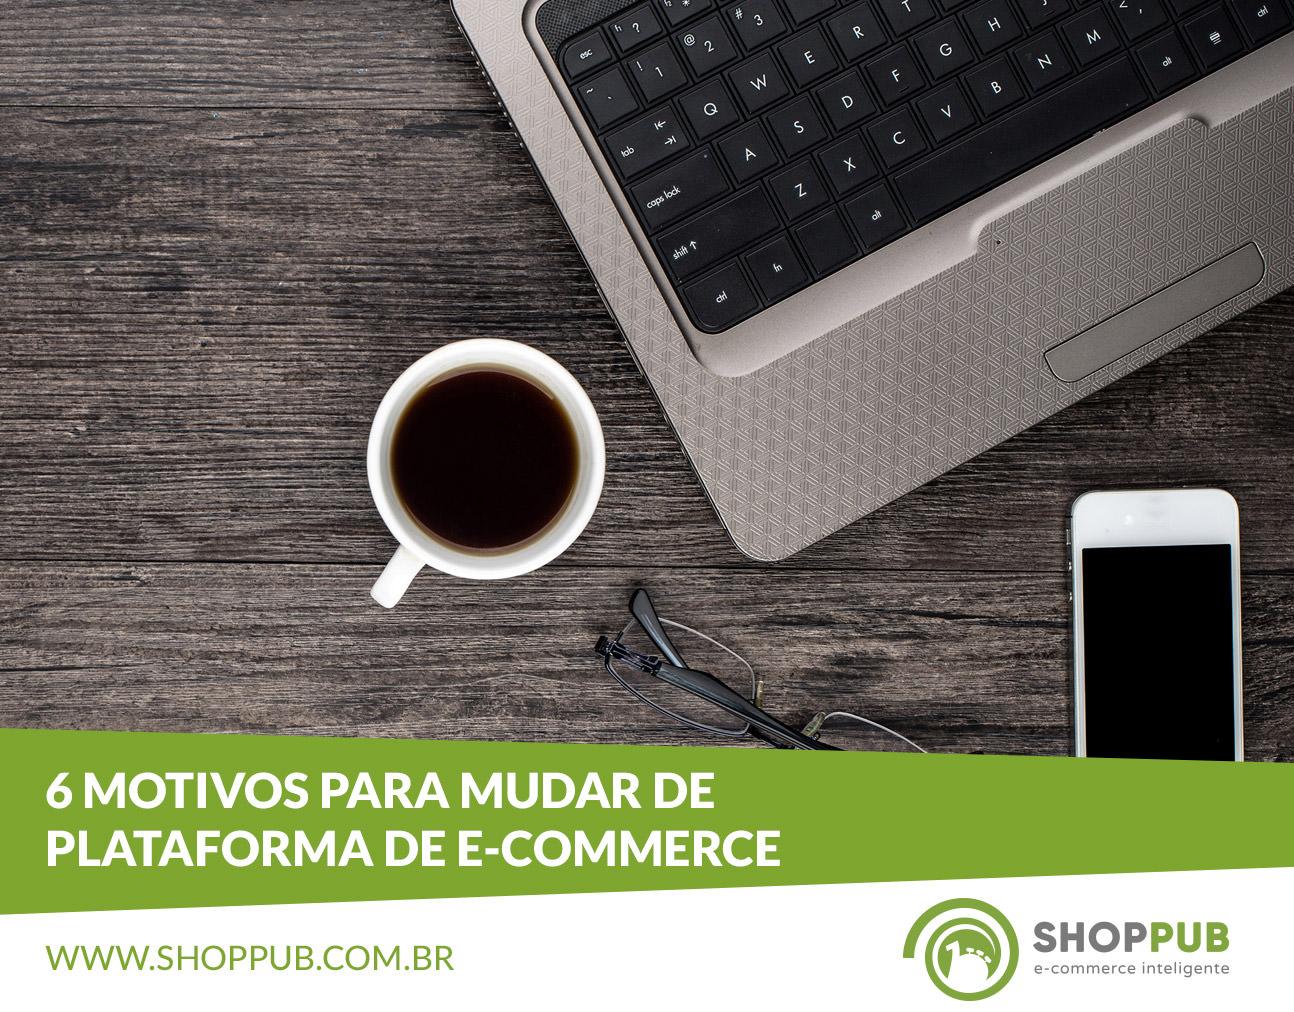 6 motivos para mudar de plataforma de e-commerce